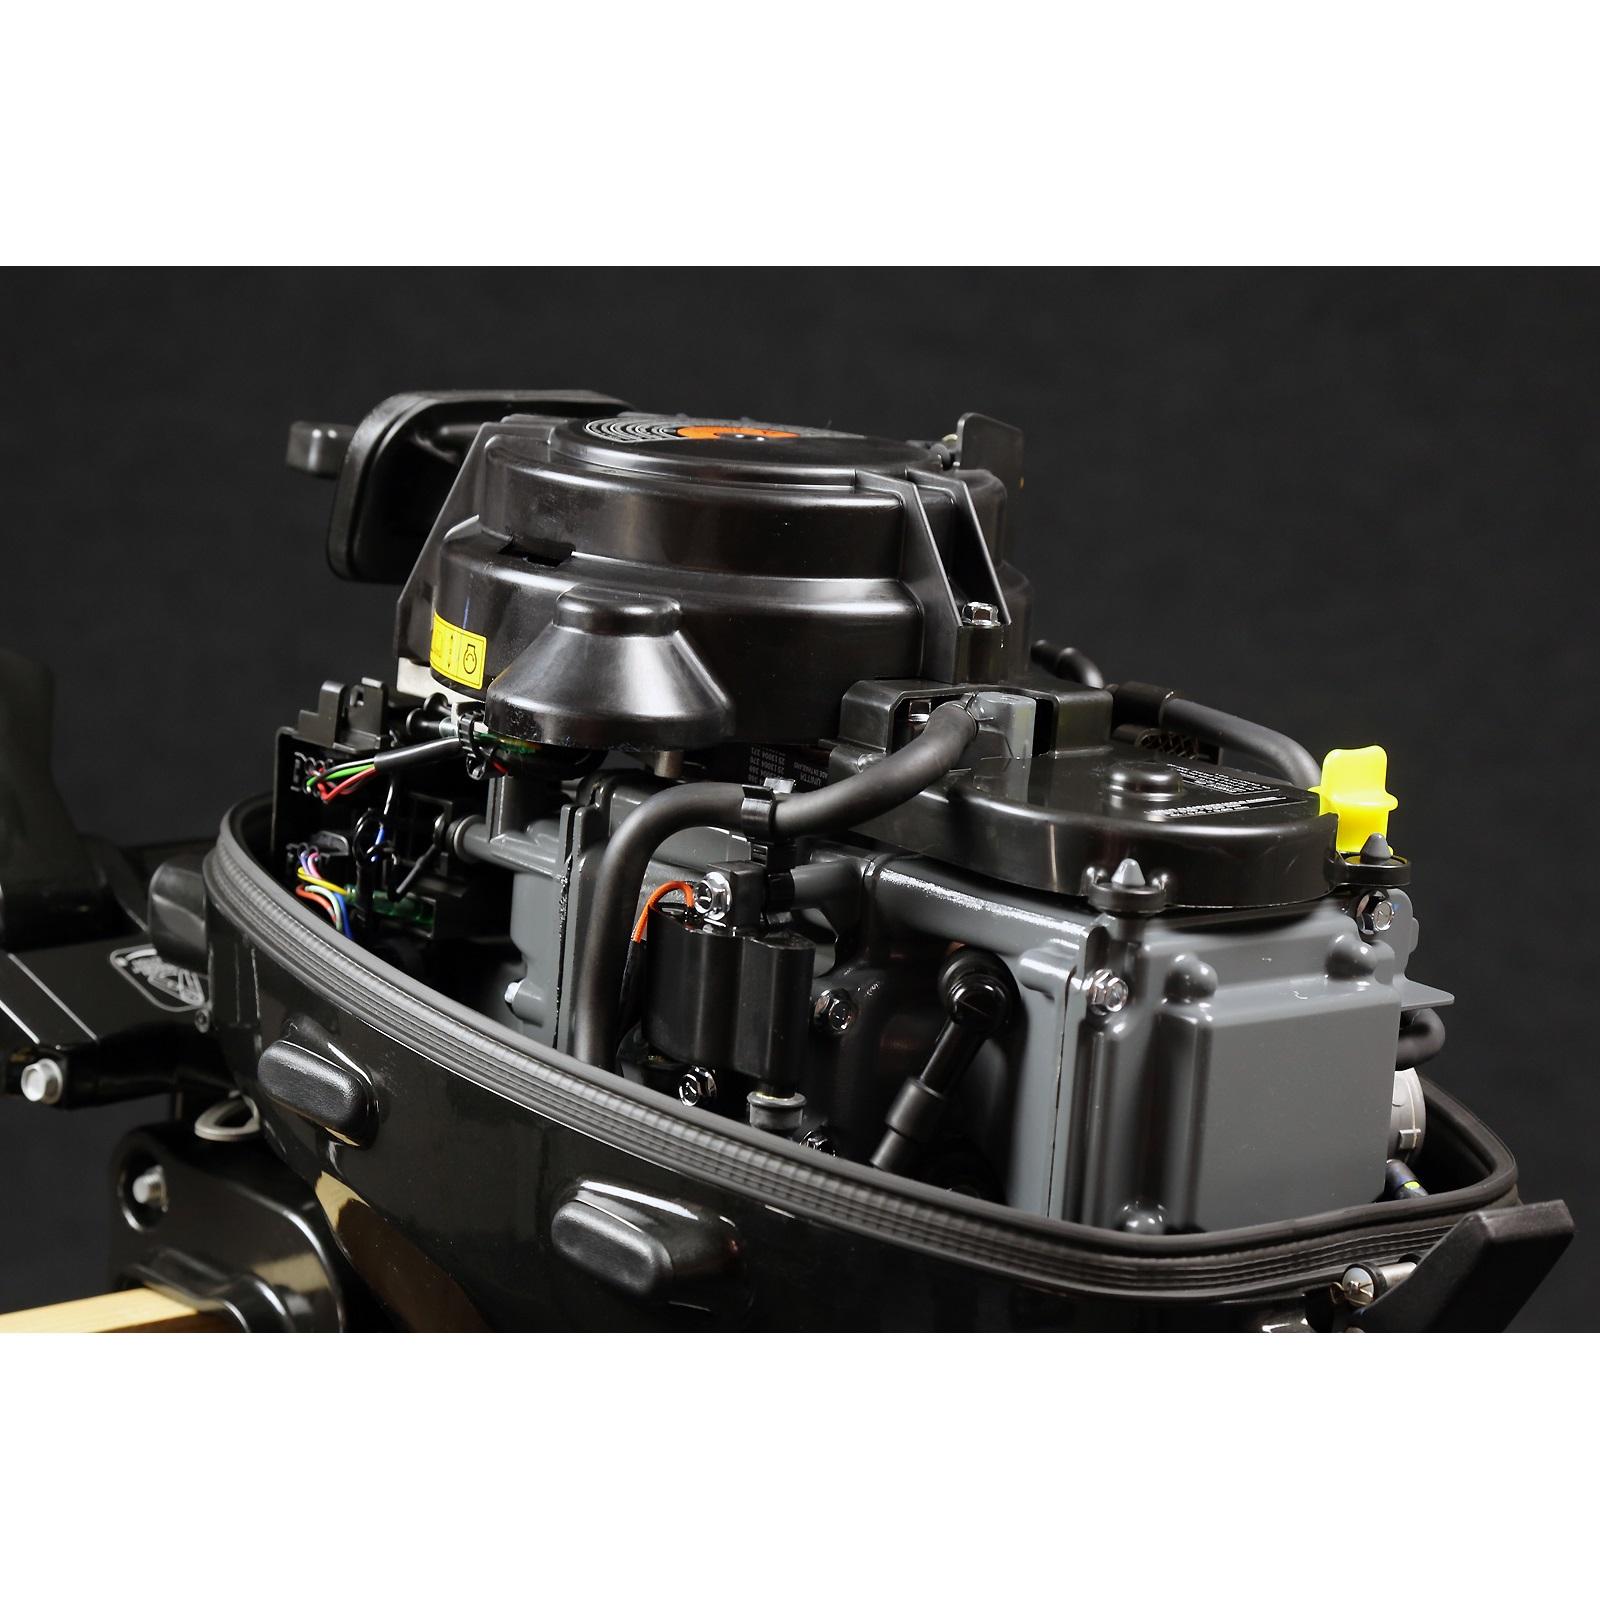 подвесной лодочный мотор suzuki df 9.9 bs сузуки df 9.9 bs